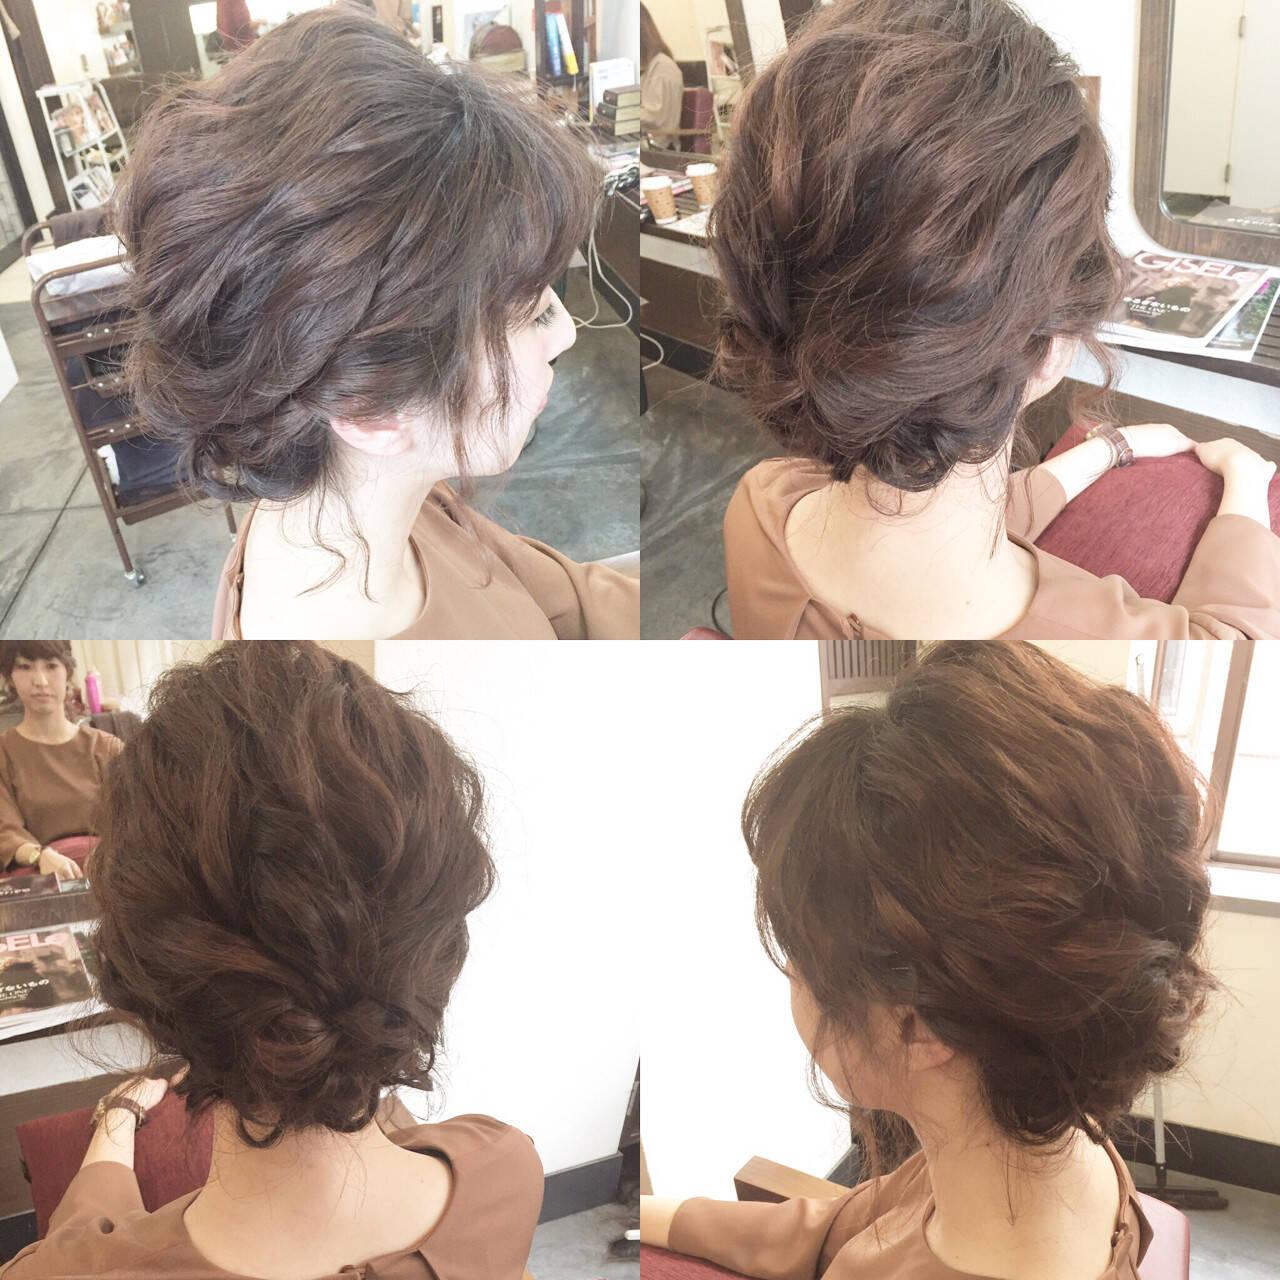 大人女子 簡単ヘアアレンジ ミディアム 結婚式ヘアスタイルや髪型の写真・画像